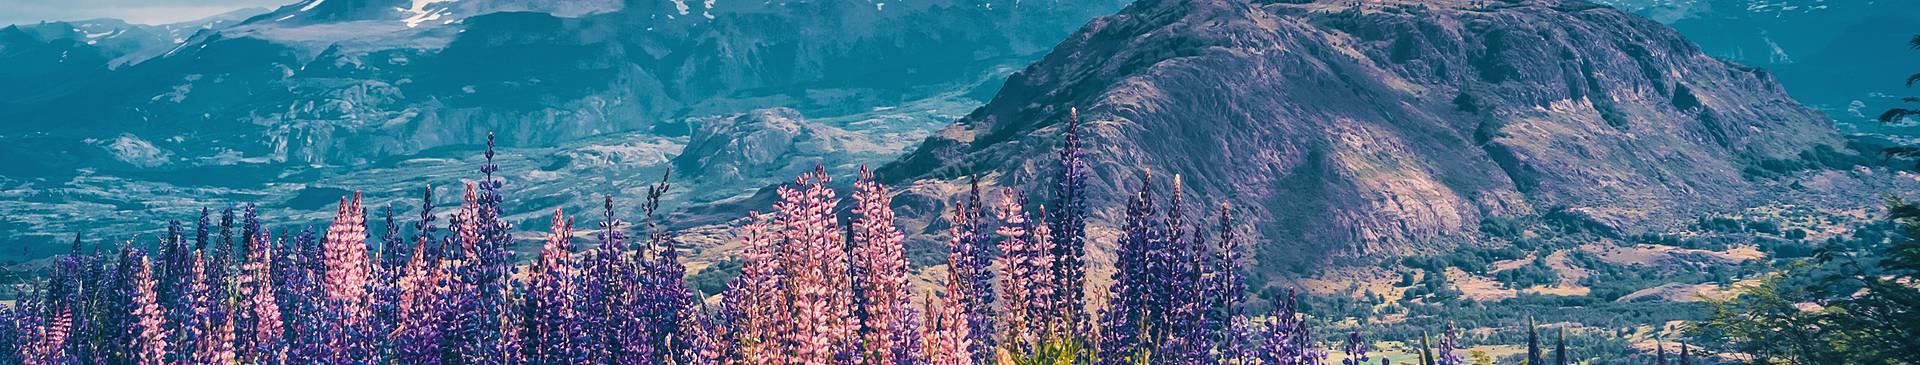 Viajes a Patagonia en primavera